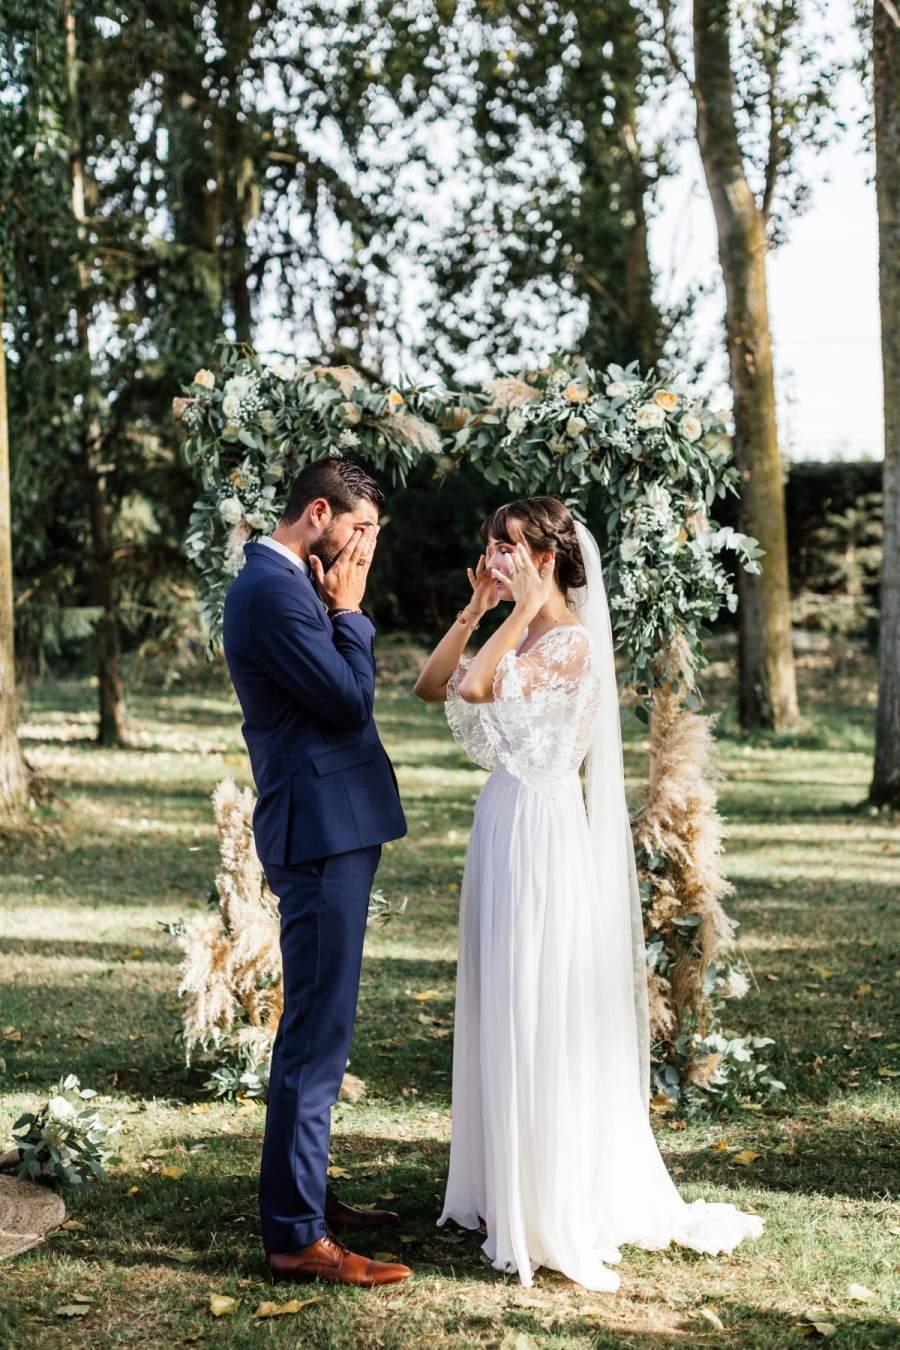 mariage-lorie-romain-domaine-de-pegulier-et-chateau-de-mousens-caujac-392.jpg